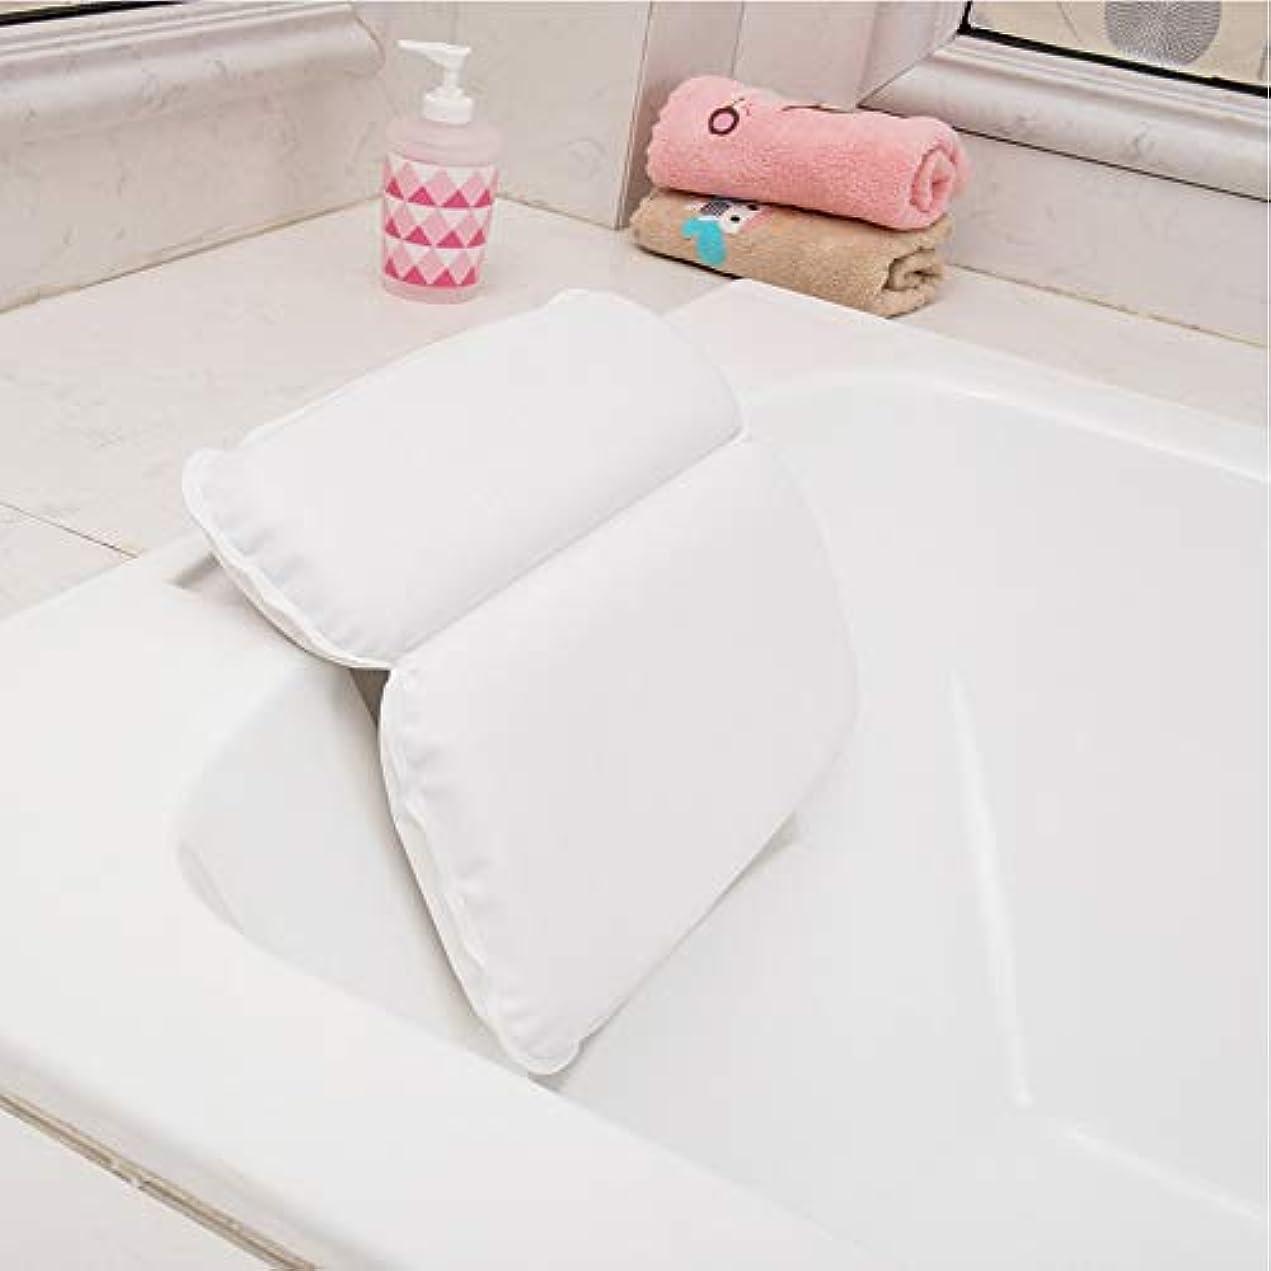 オーバーフロー劇作家コーナーACHICOO 浴室枕 ヘッドレスト 吸盤付き 防水 浴室SPA マッサージ バスルーム お風呂